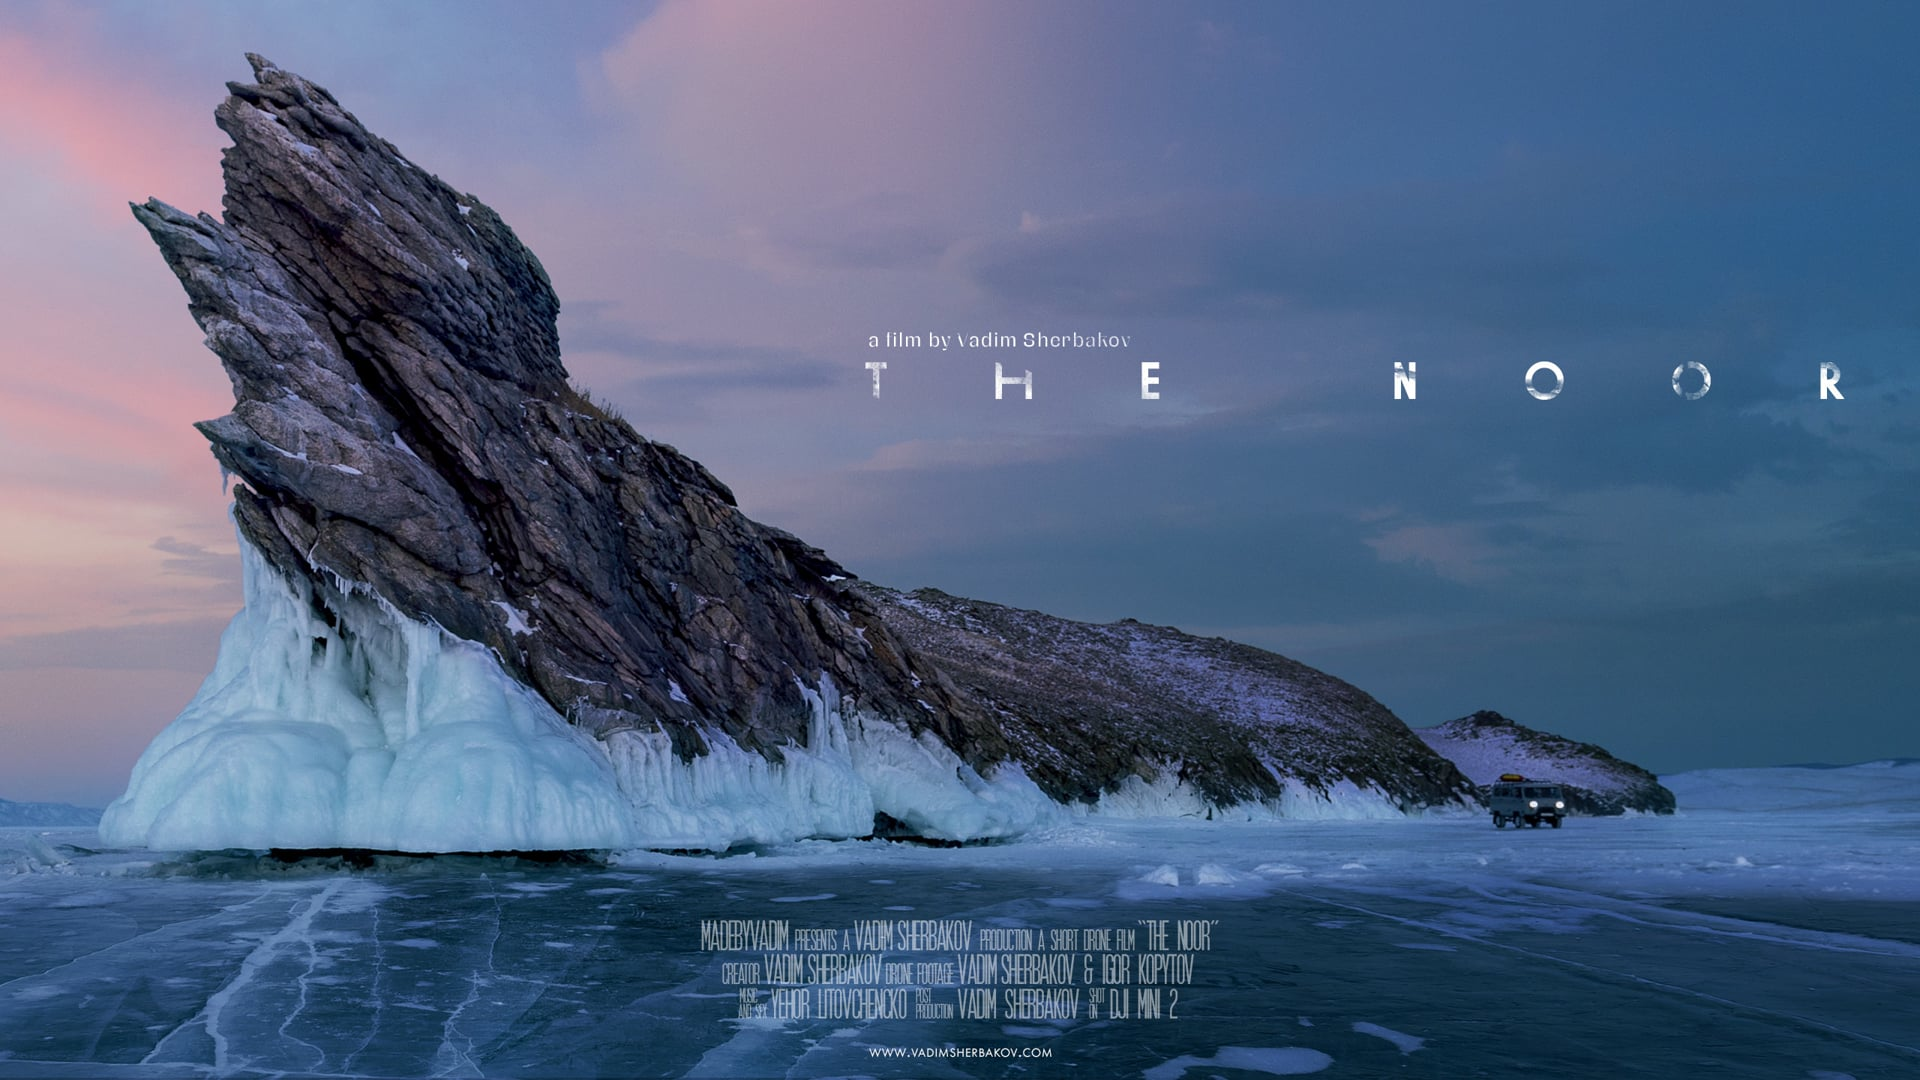 """Cùng xem thước phim trên không """"The Noor"""" được quay bằng DJI Mini 2 ở nhiệt độ -18°C"""